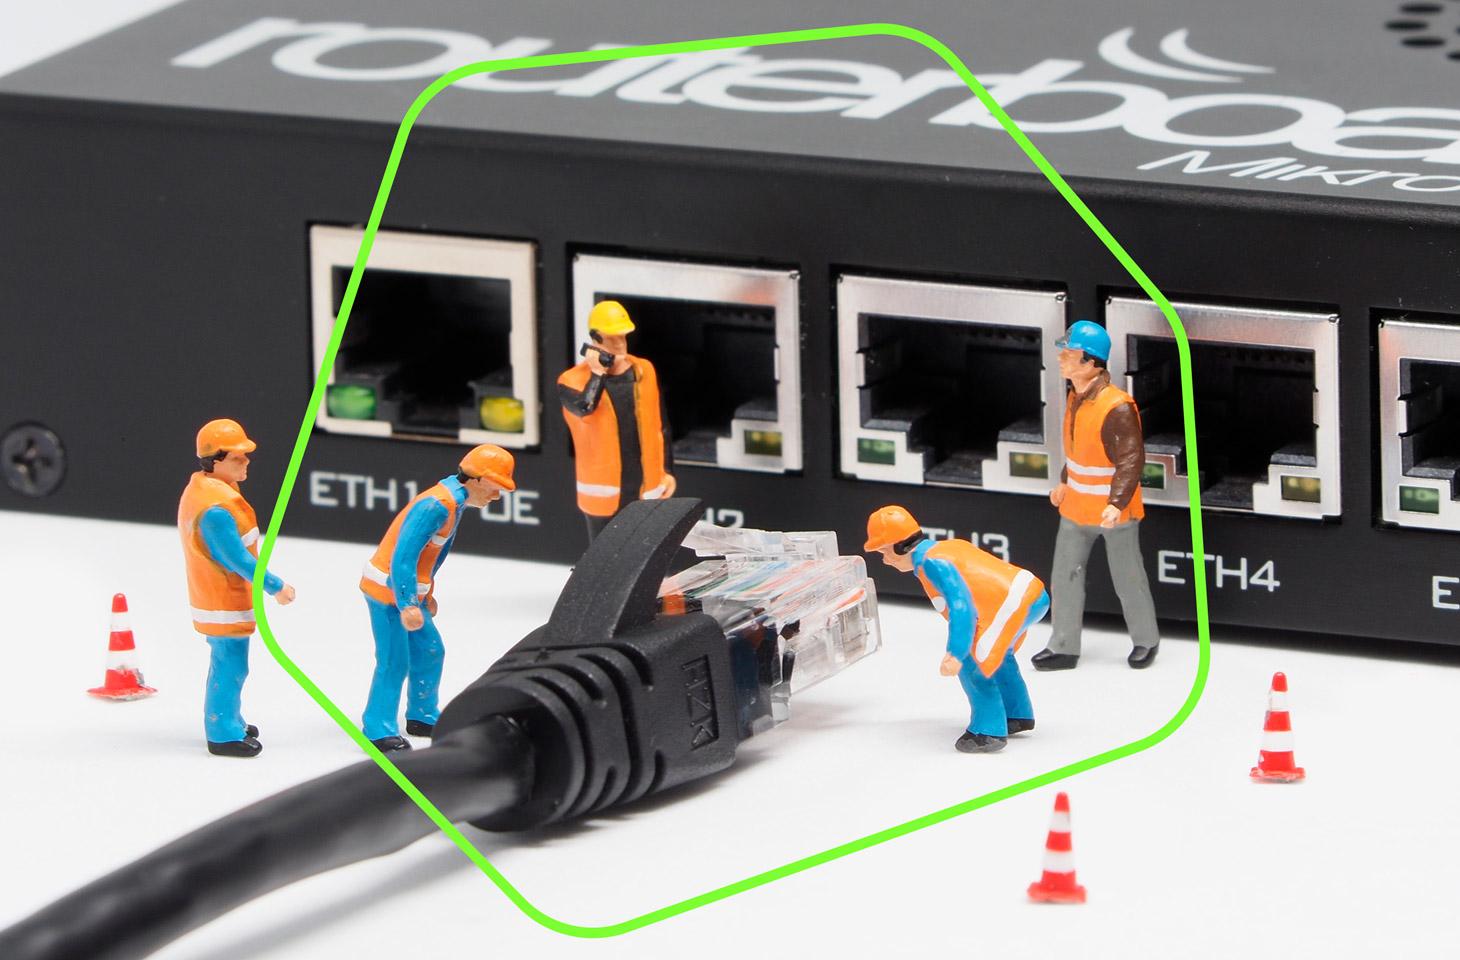 MikroTik製ルーターをボットネットMerisから守る方法   カスペルスキー公式ブログ